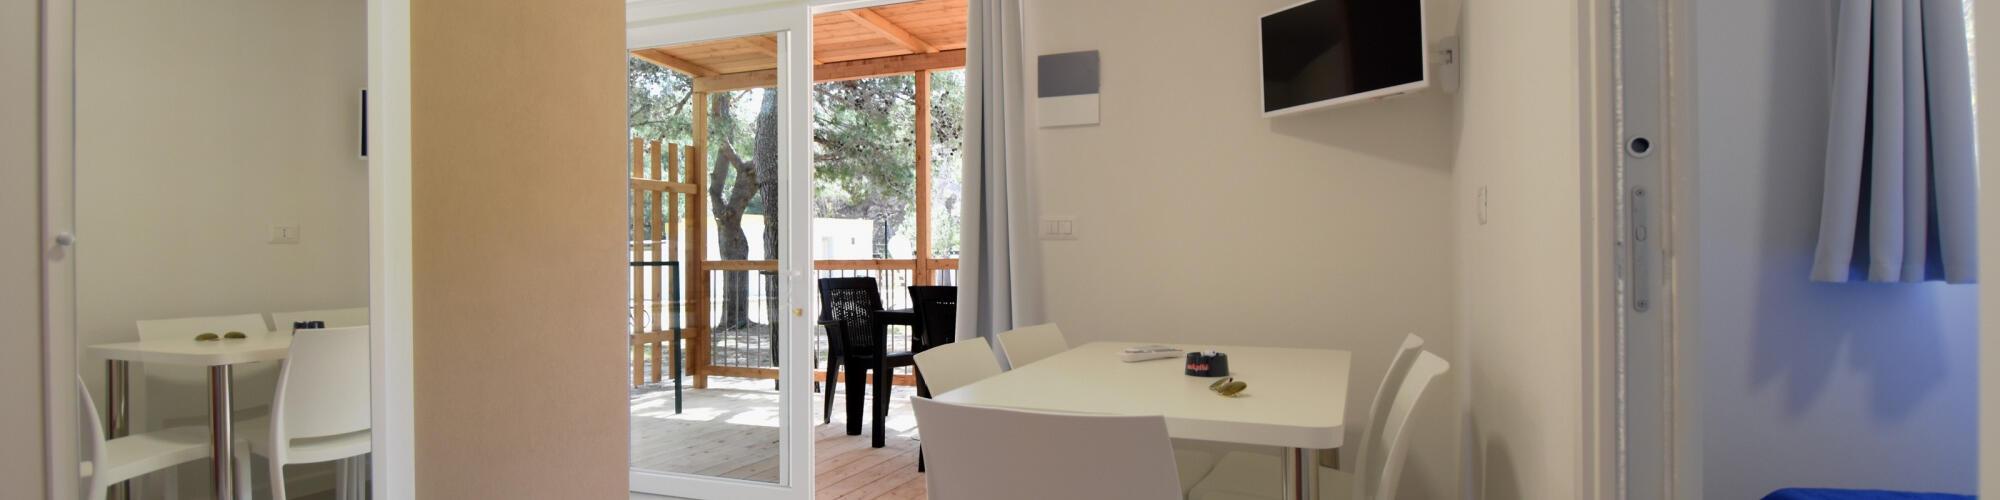 Speciale BLUE mobile home: estate 2020 al mare... nel Salento